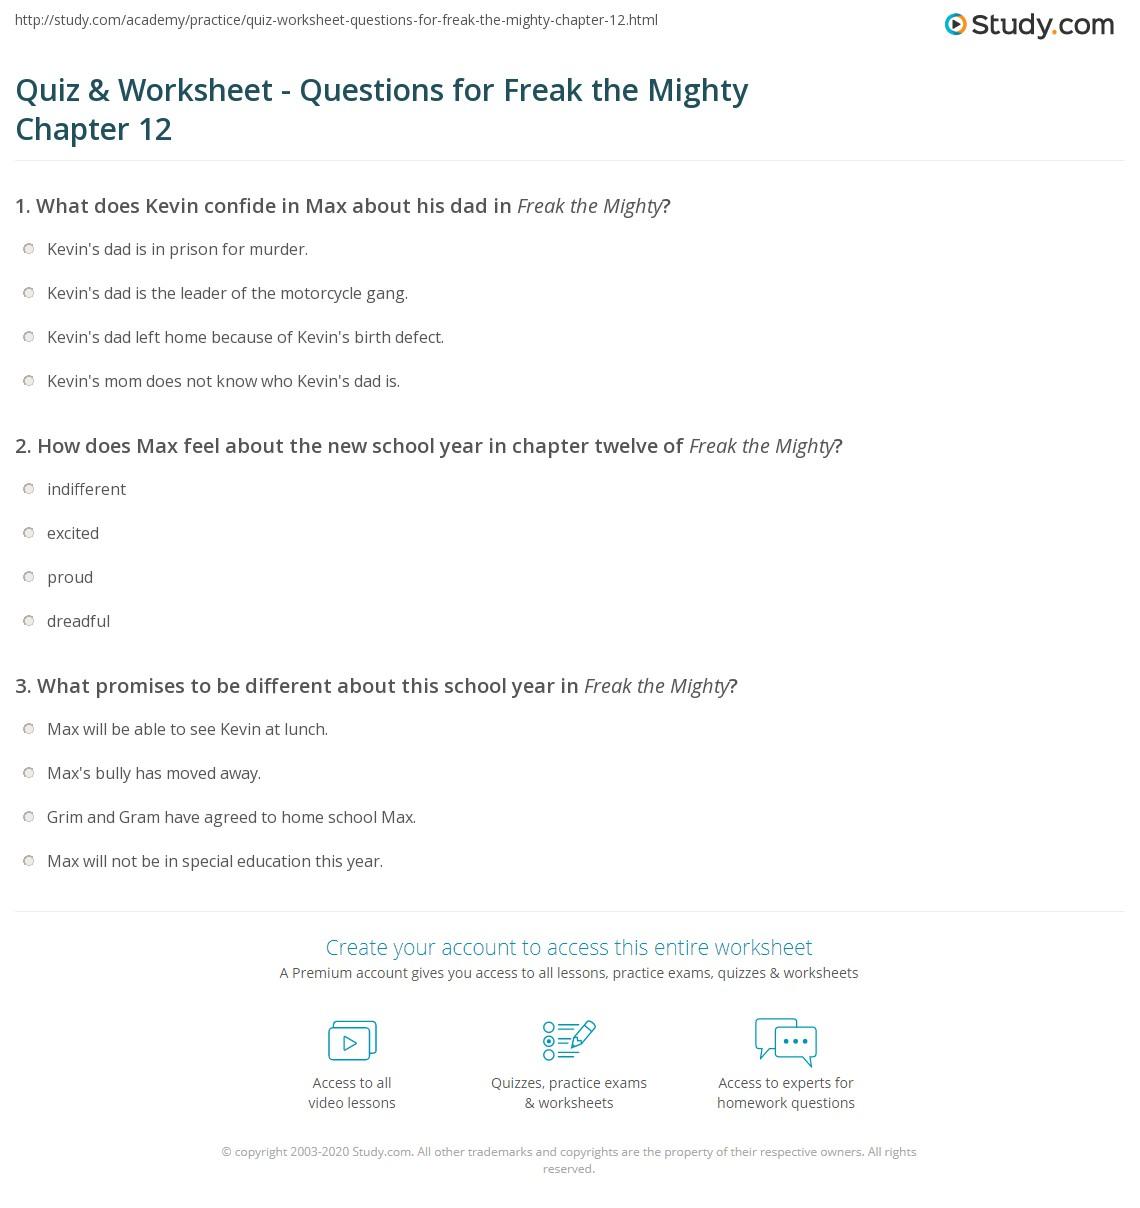 Quiz W Ksheet Questi S Fre K Mighty Ch Pter 12